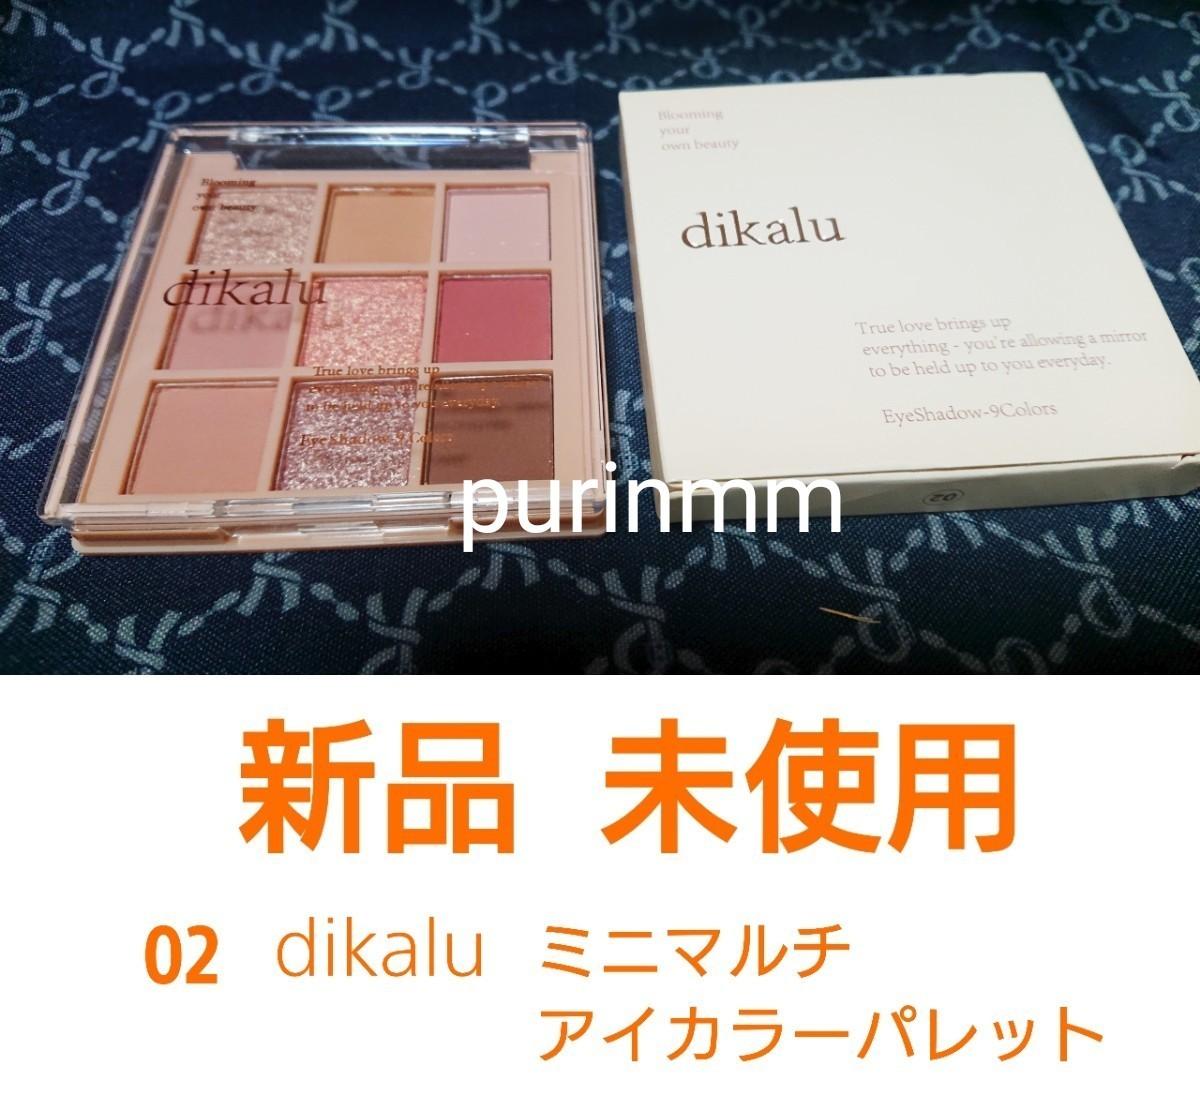 アイシャドウ パレット9色  dikalu cocovenus アイカラー キラキラ マット グリッター 新品 未使用